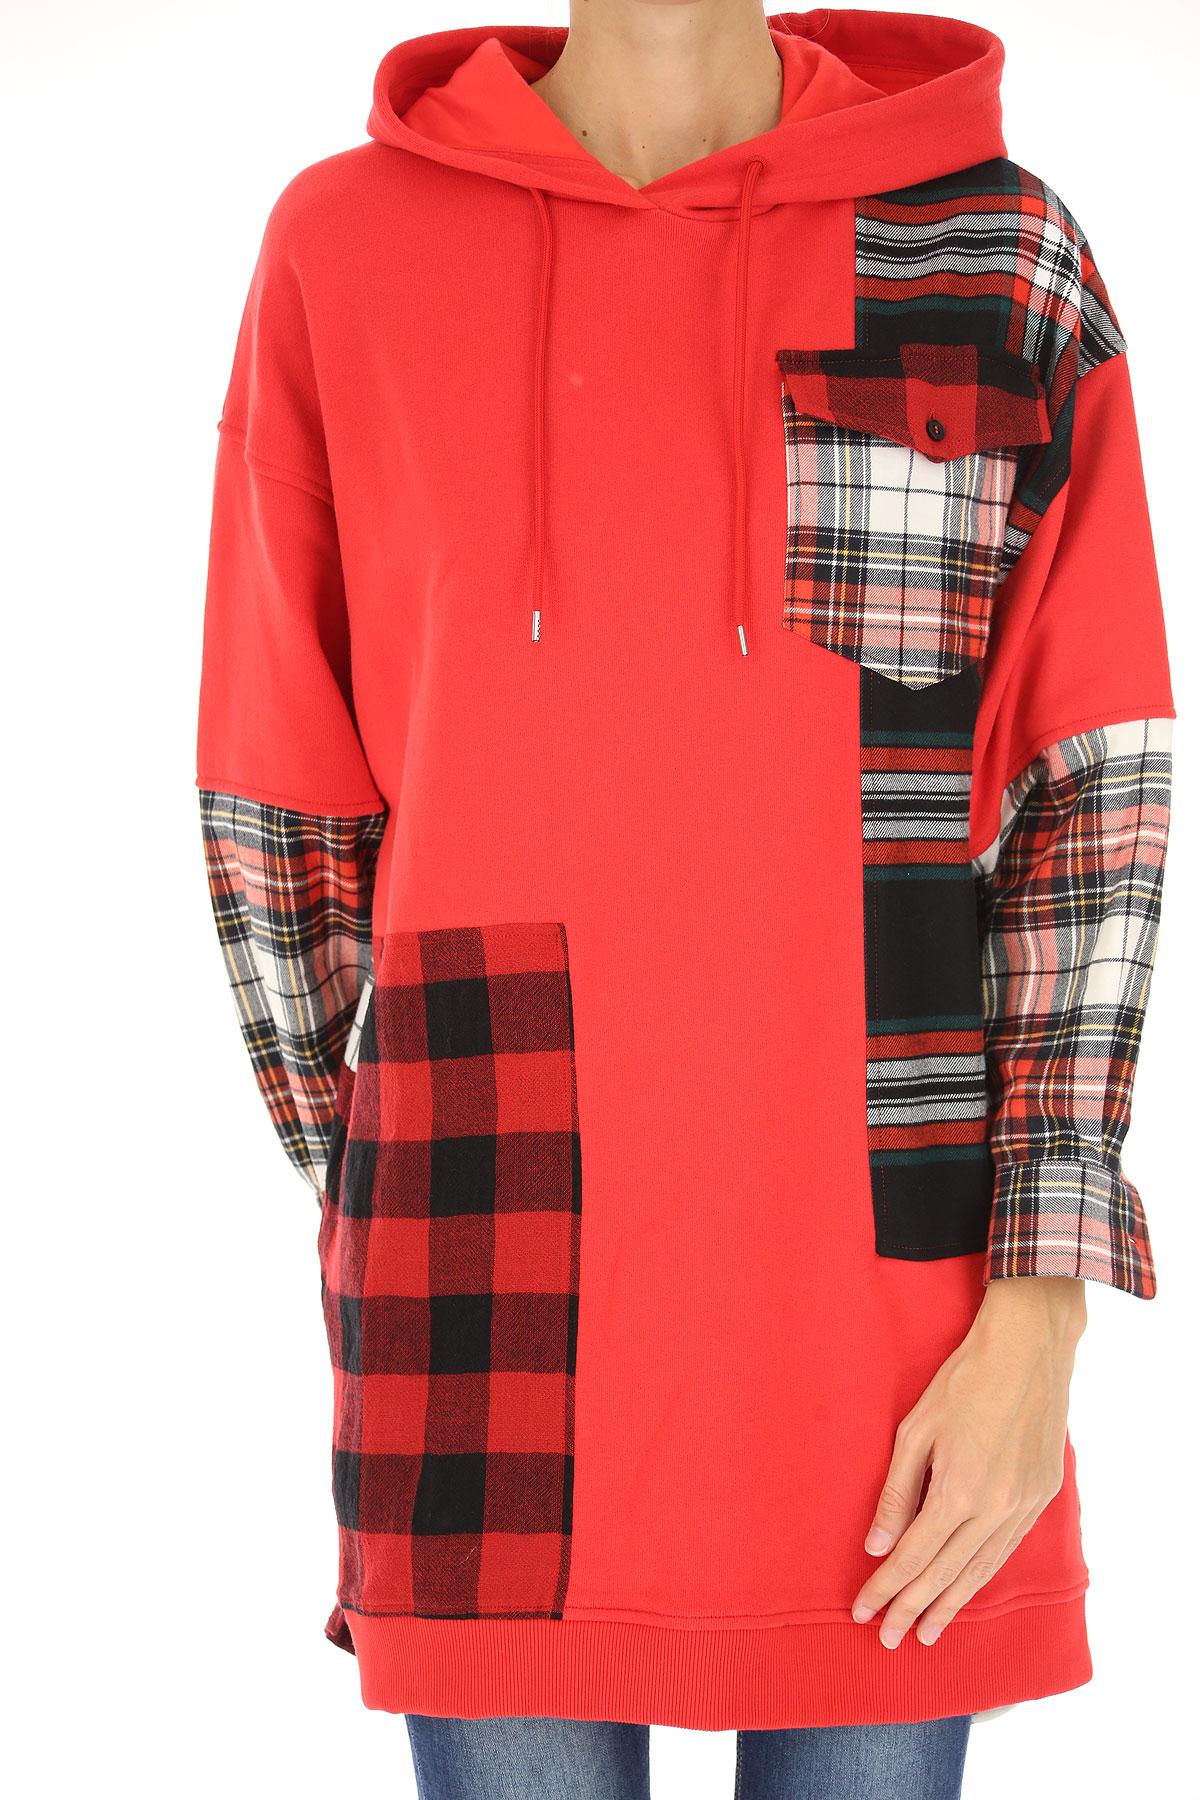 Mcq Mujer 19 invierno 2018 nbsp; Rojo Para Ropa Otoño Fq7F6r